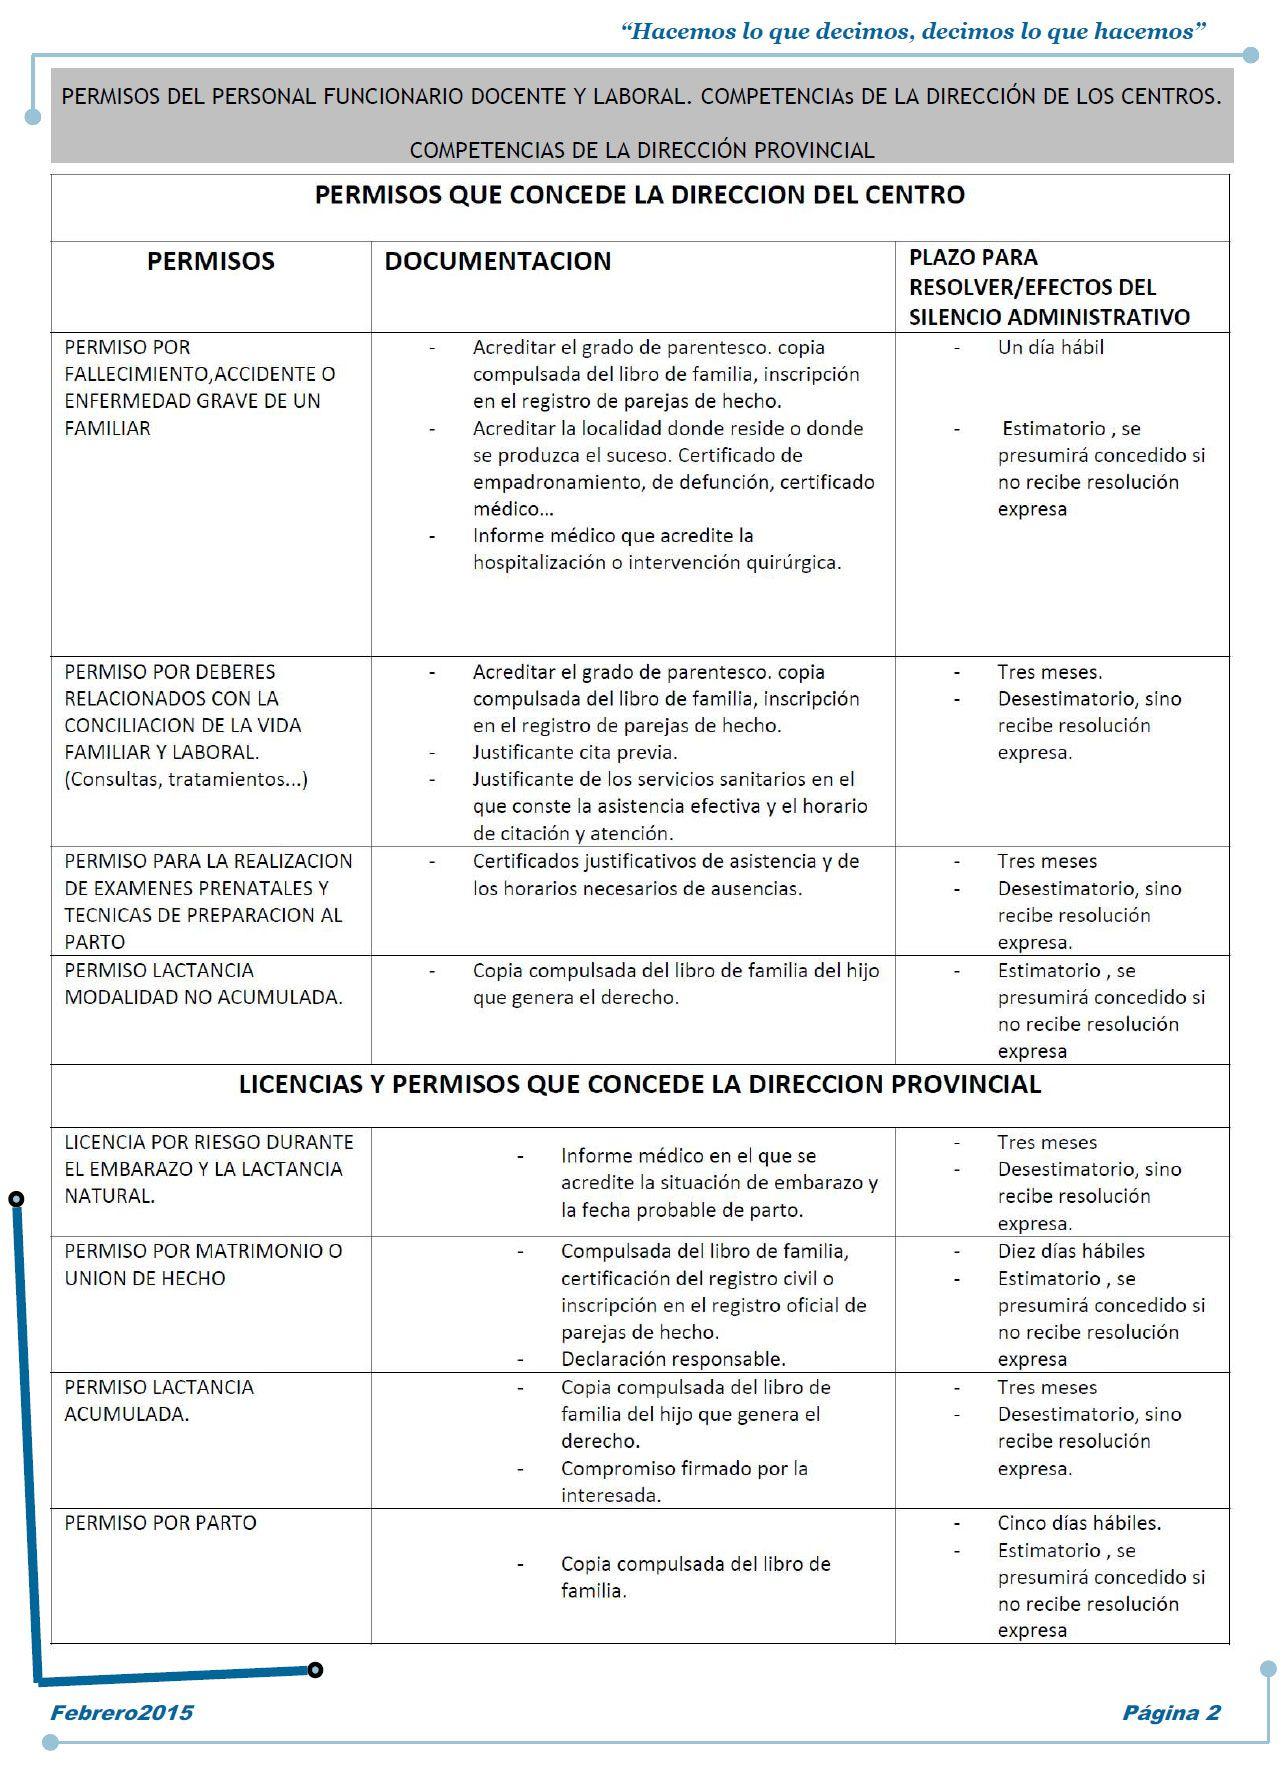 Permisos_competencias_directores